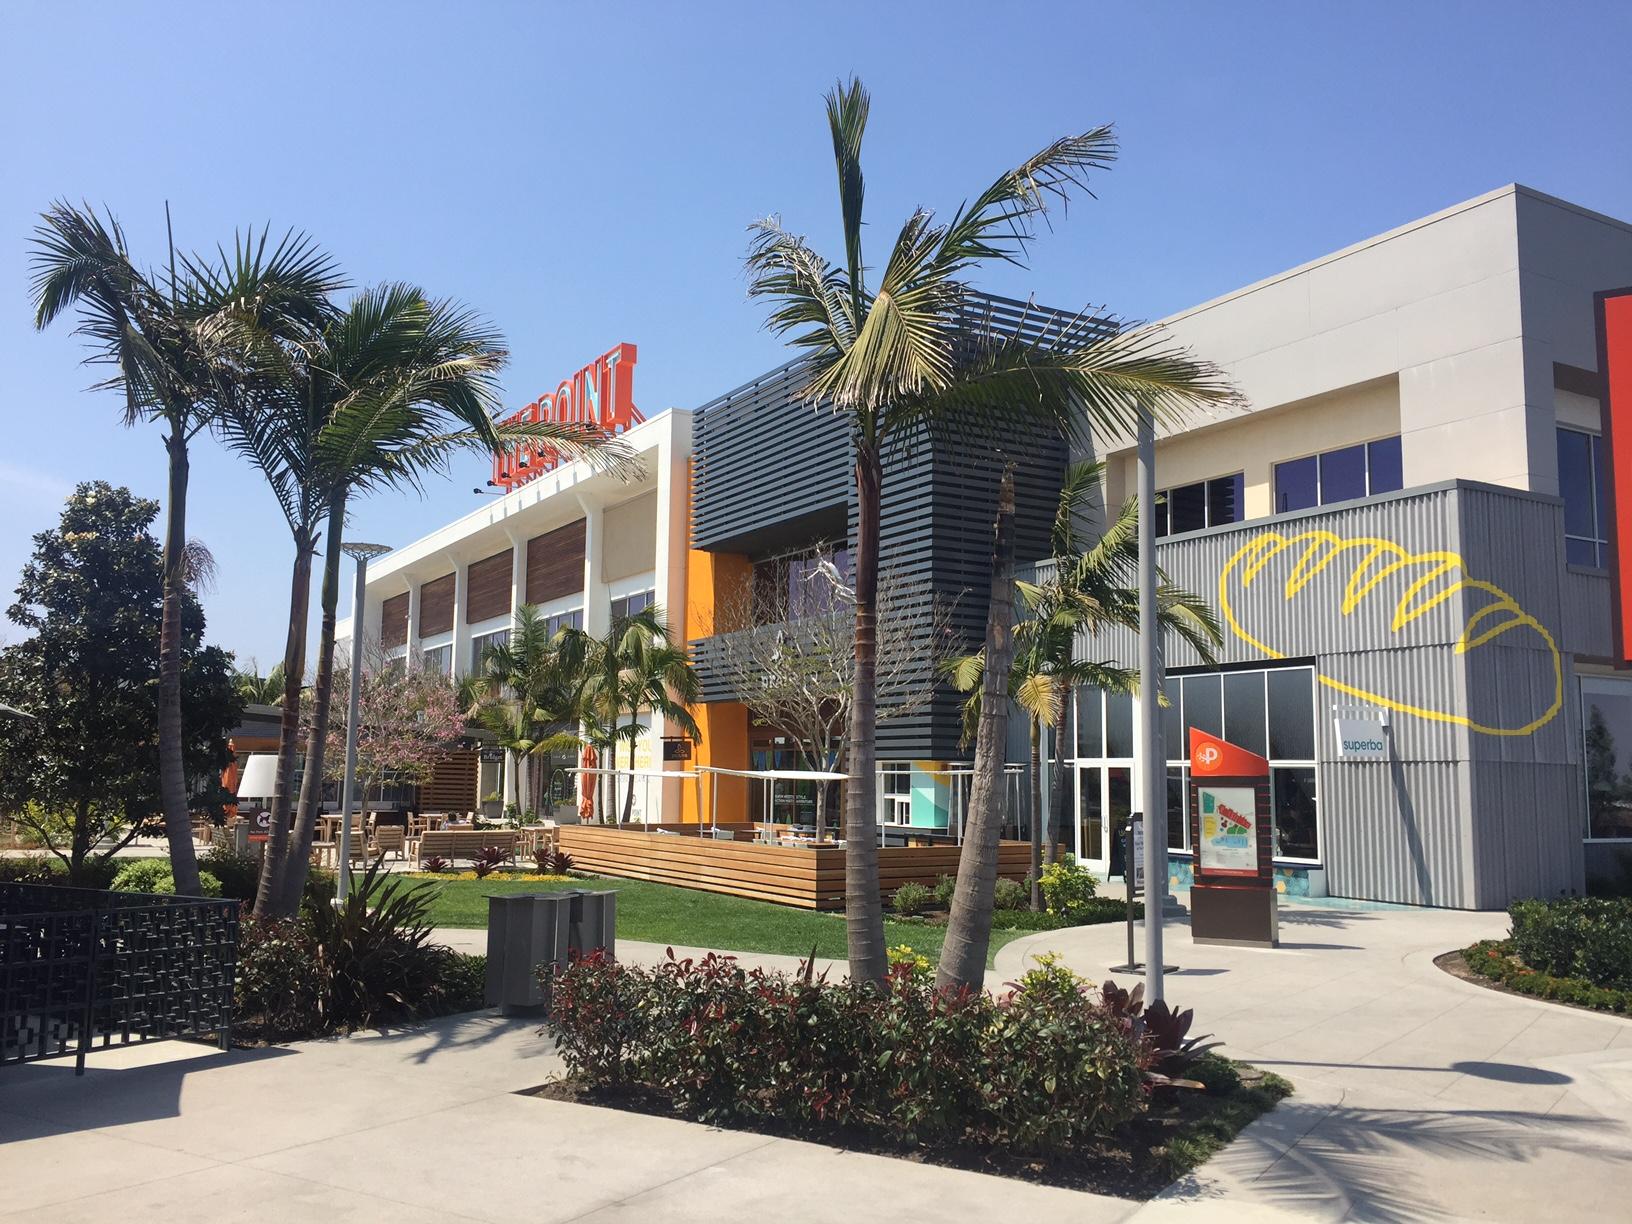 ADHI Schools El Segundo Real Estate School Building